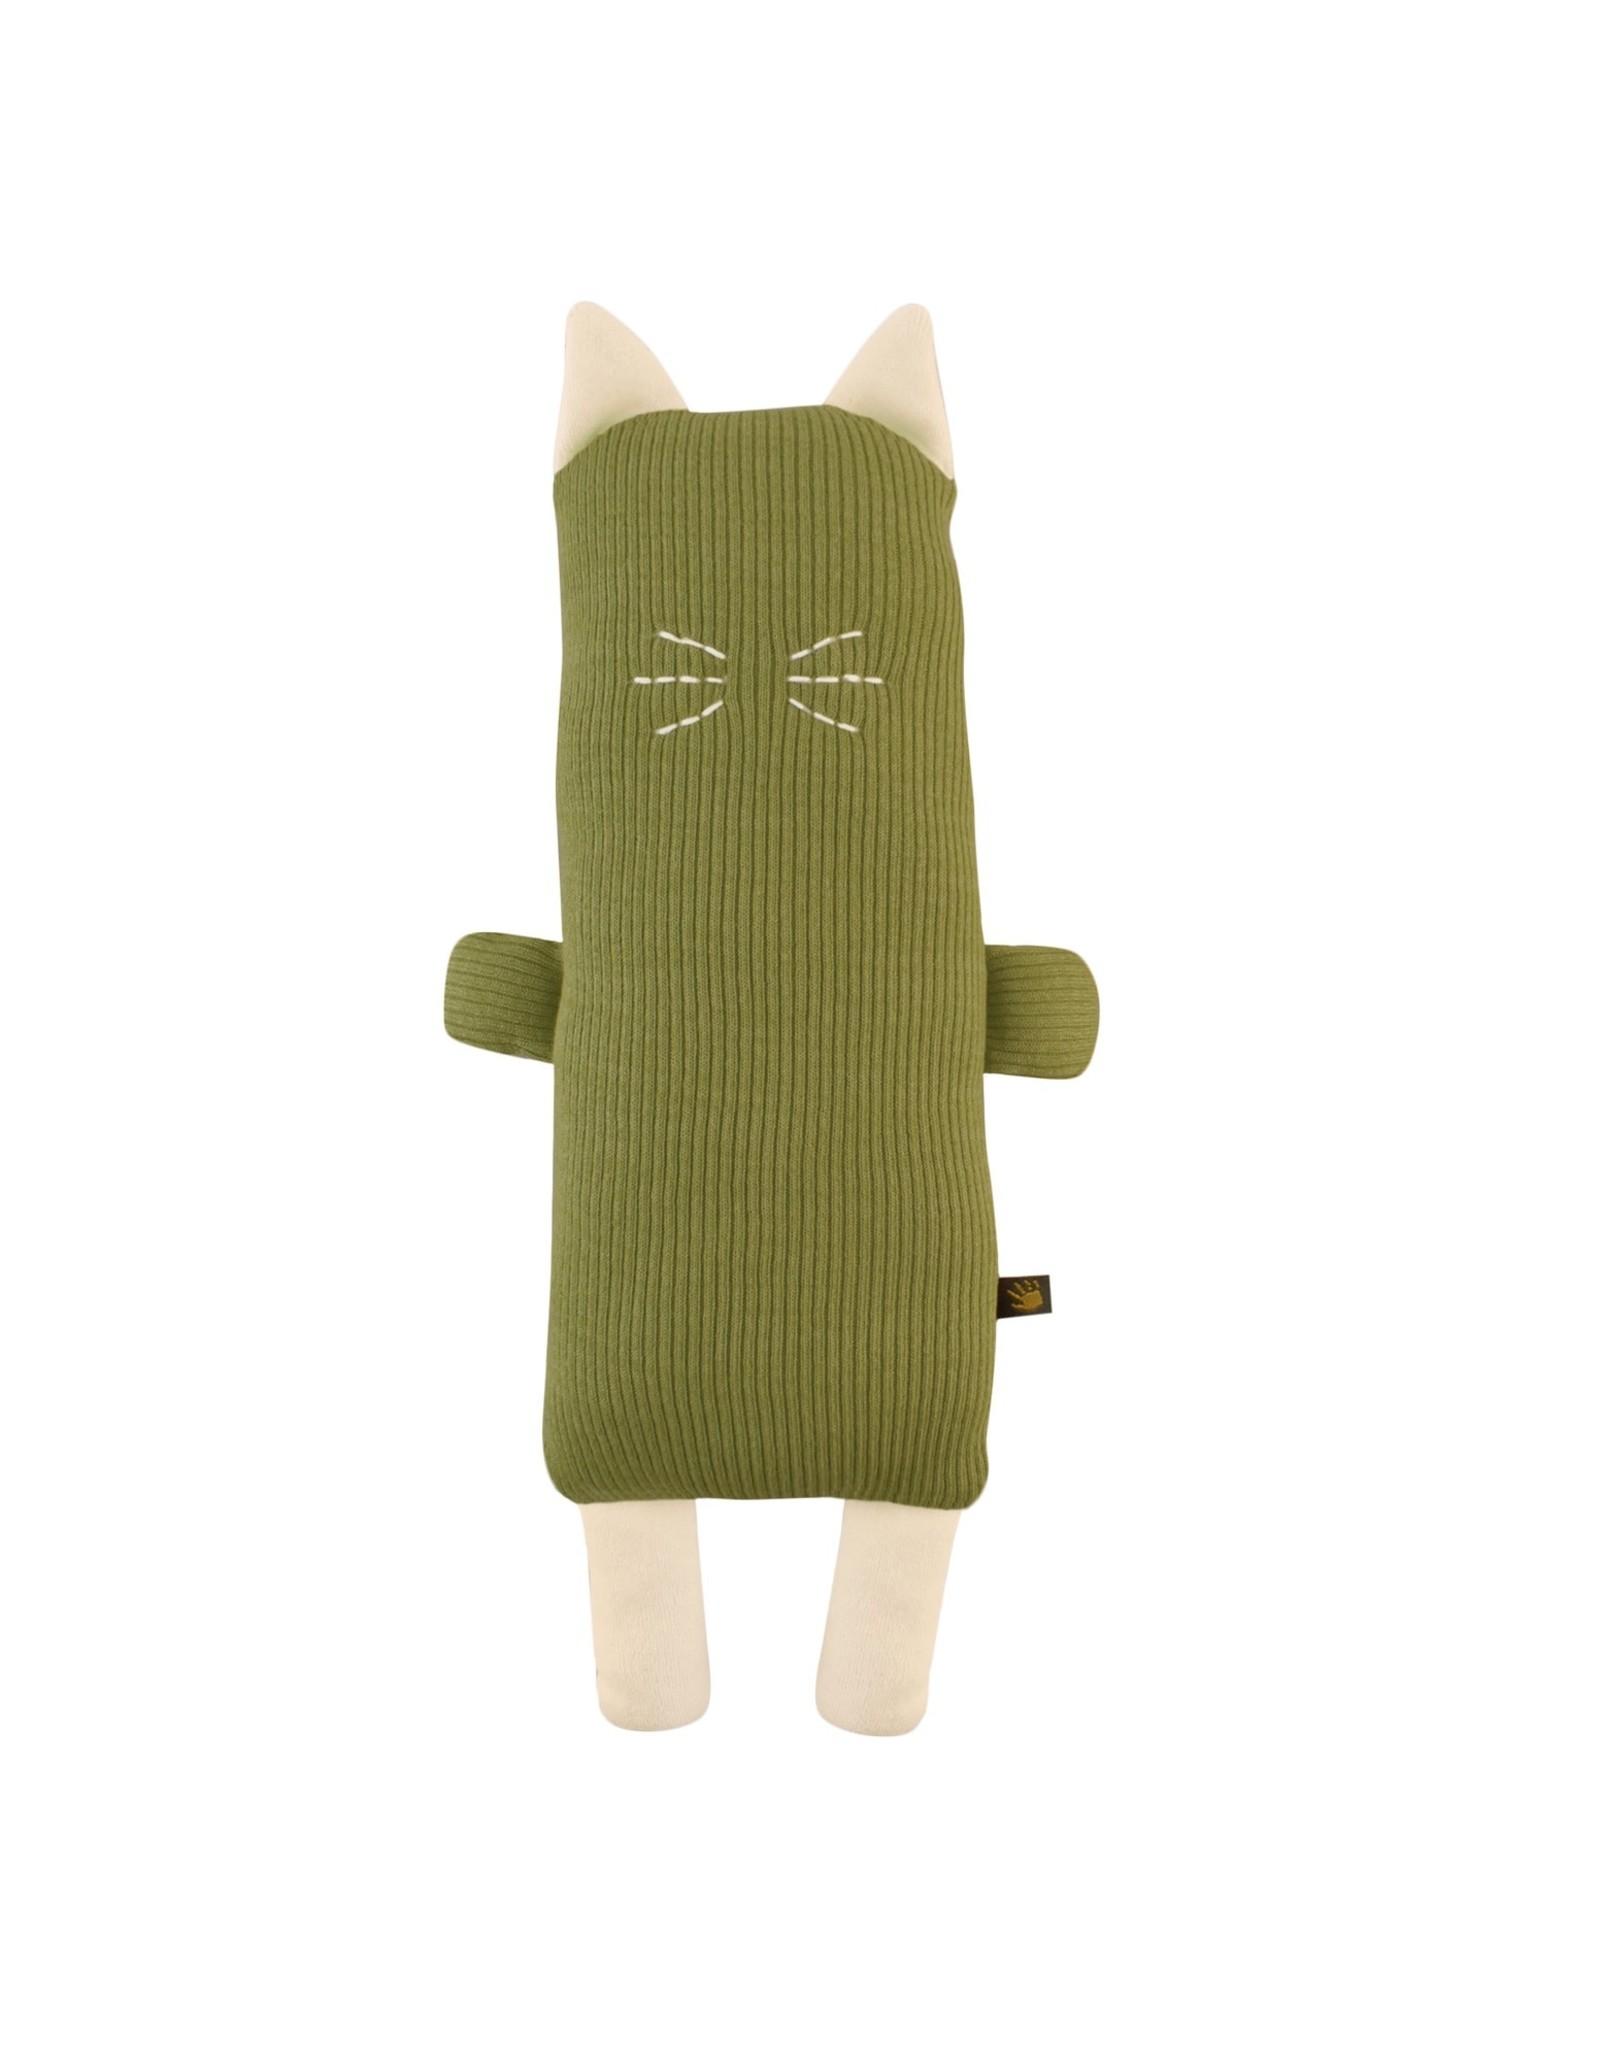 Forgaminnt Forgaminnt Grote Knuffel 32cm Cat Guacamole